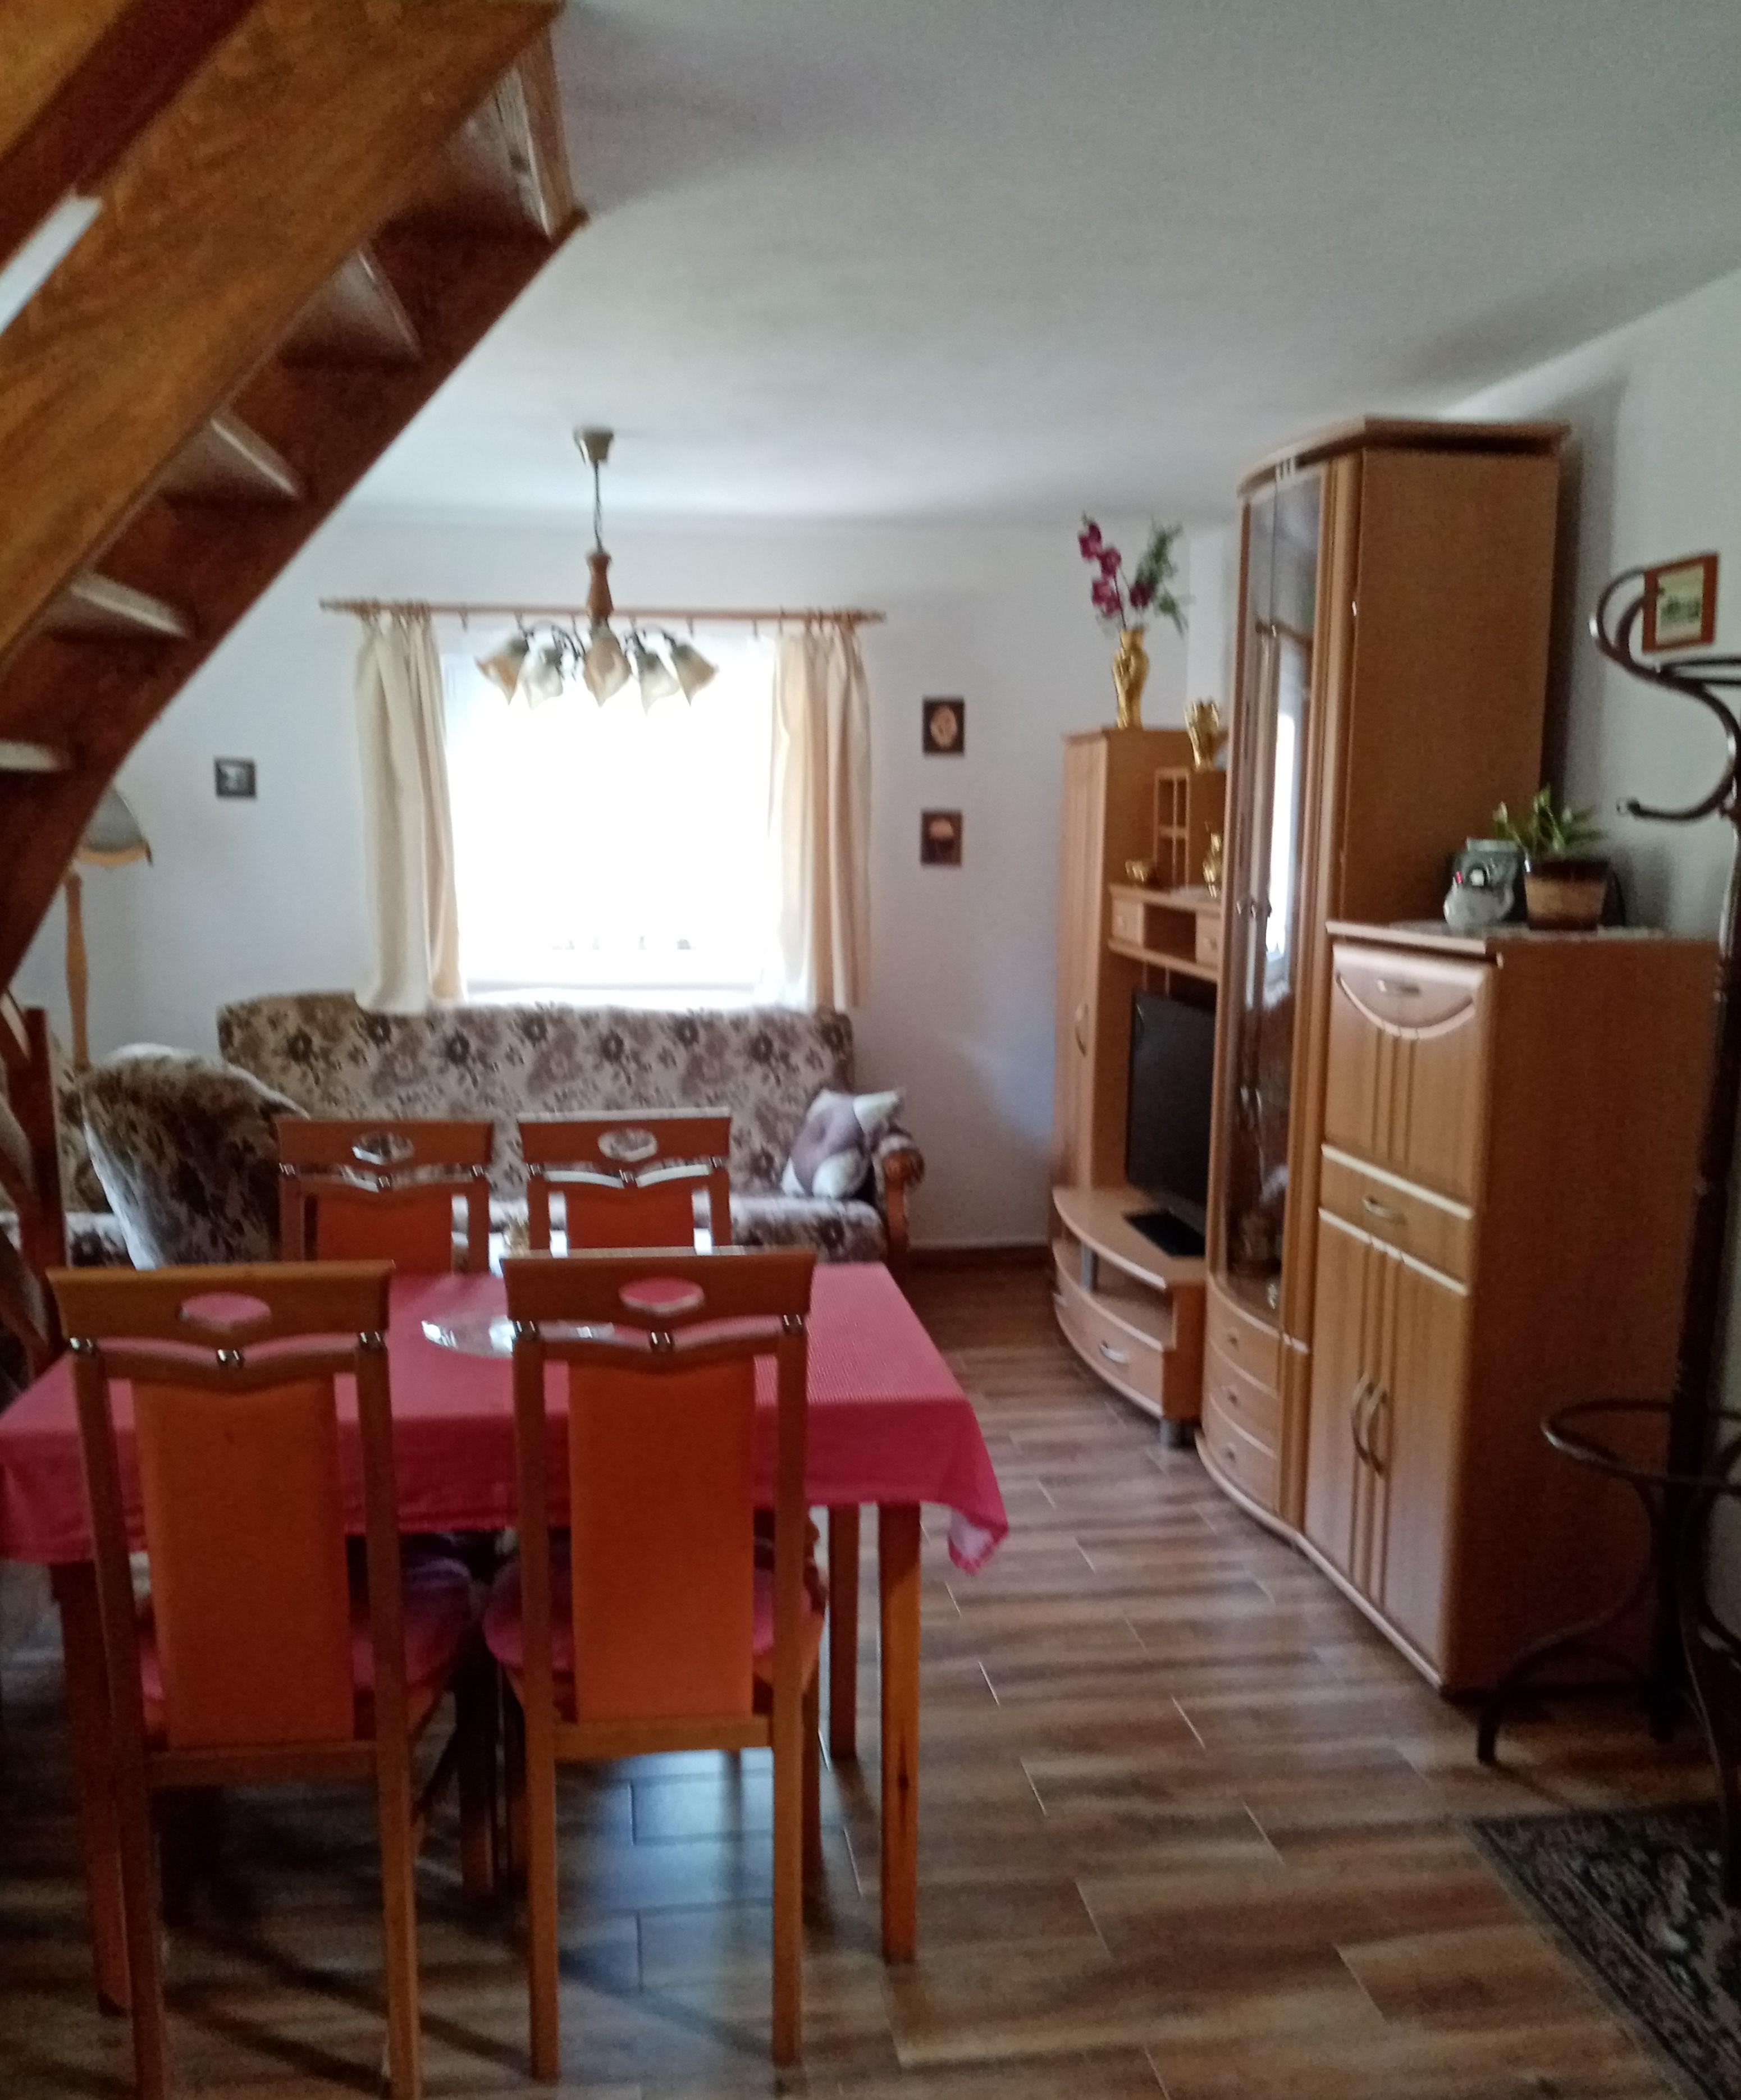 pohled od kuchyňky na obývák, který je součástí